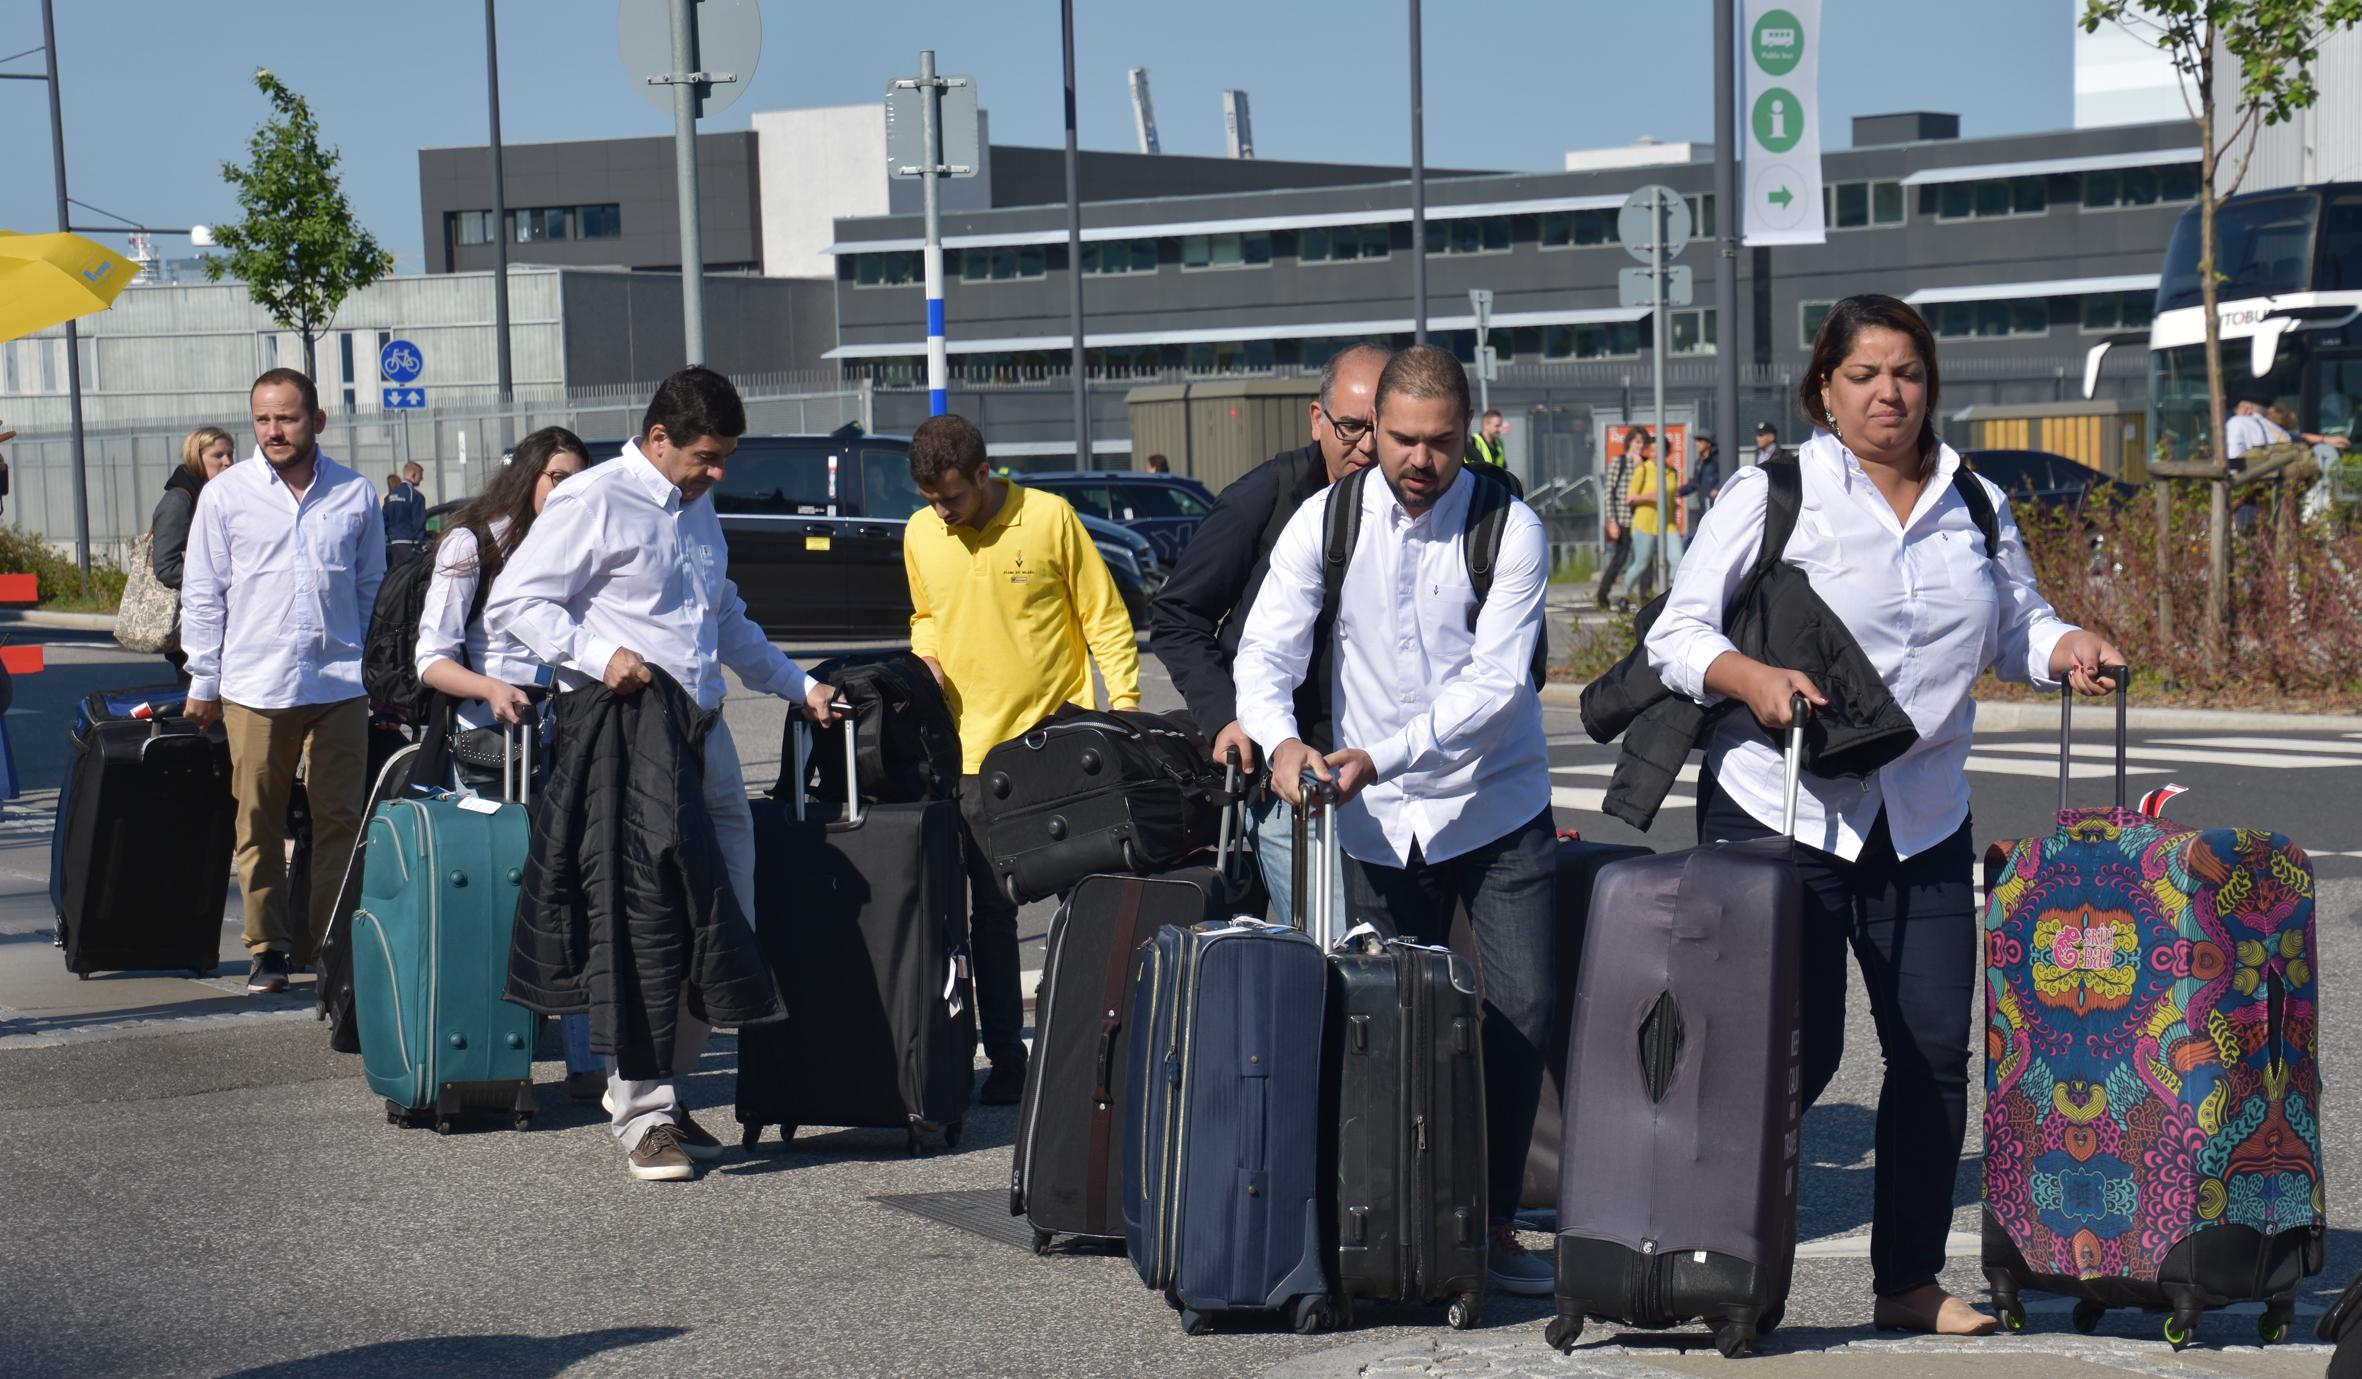 Borealis Destination Management, der også markedsføres som Via Hansa & Borealis Copenhagen, er gået konkurs og er ifølge ejerne i gang med en omstrukturering. Arkivfoto fra København: Preben Pathuel.